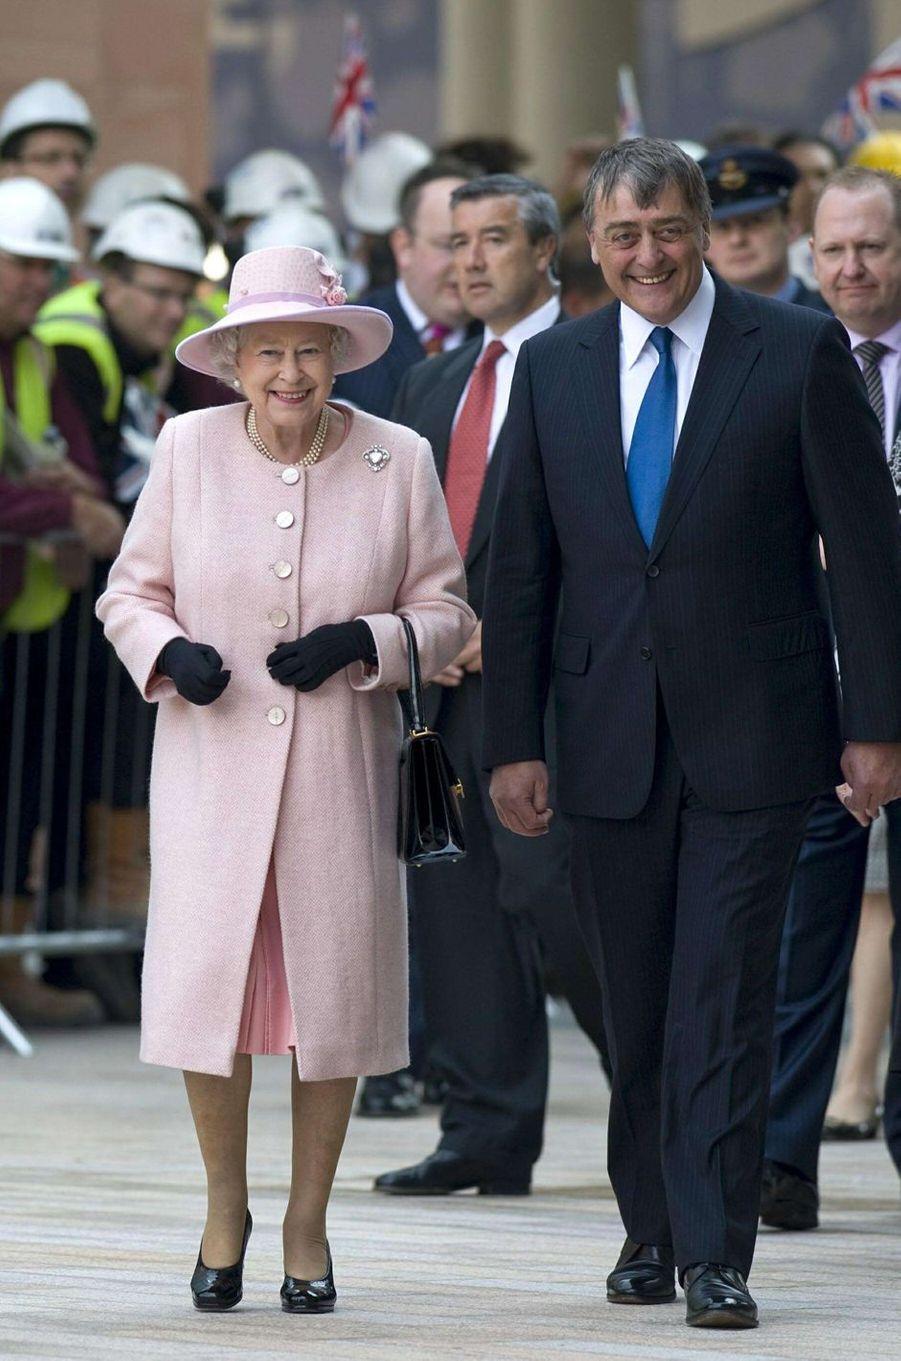 La reine Elizabeth II avec le duc de Westminster à Liverpool, le 22 mai 2008